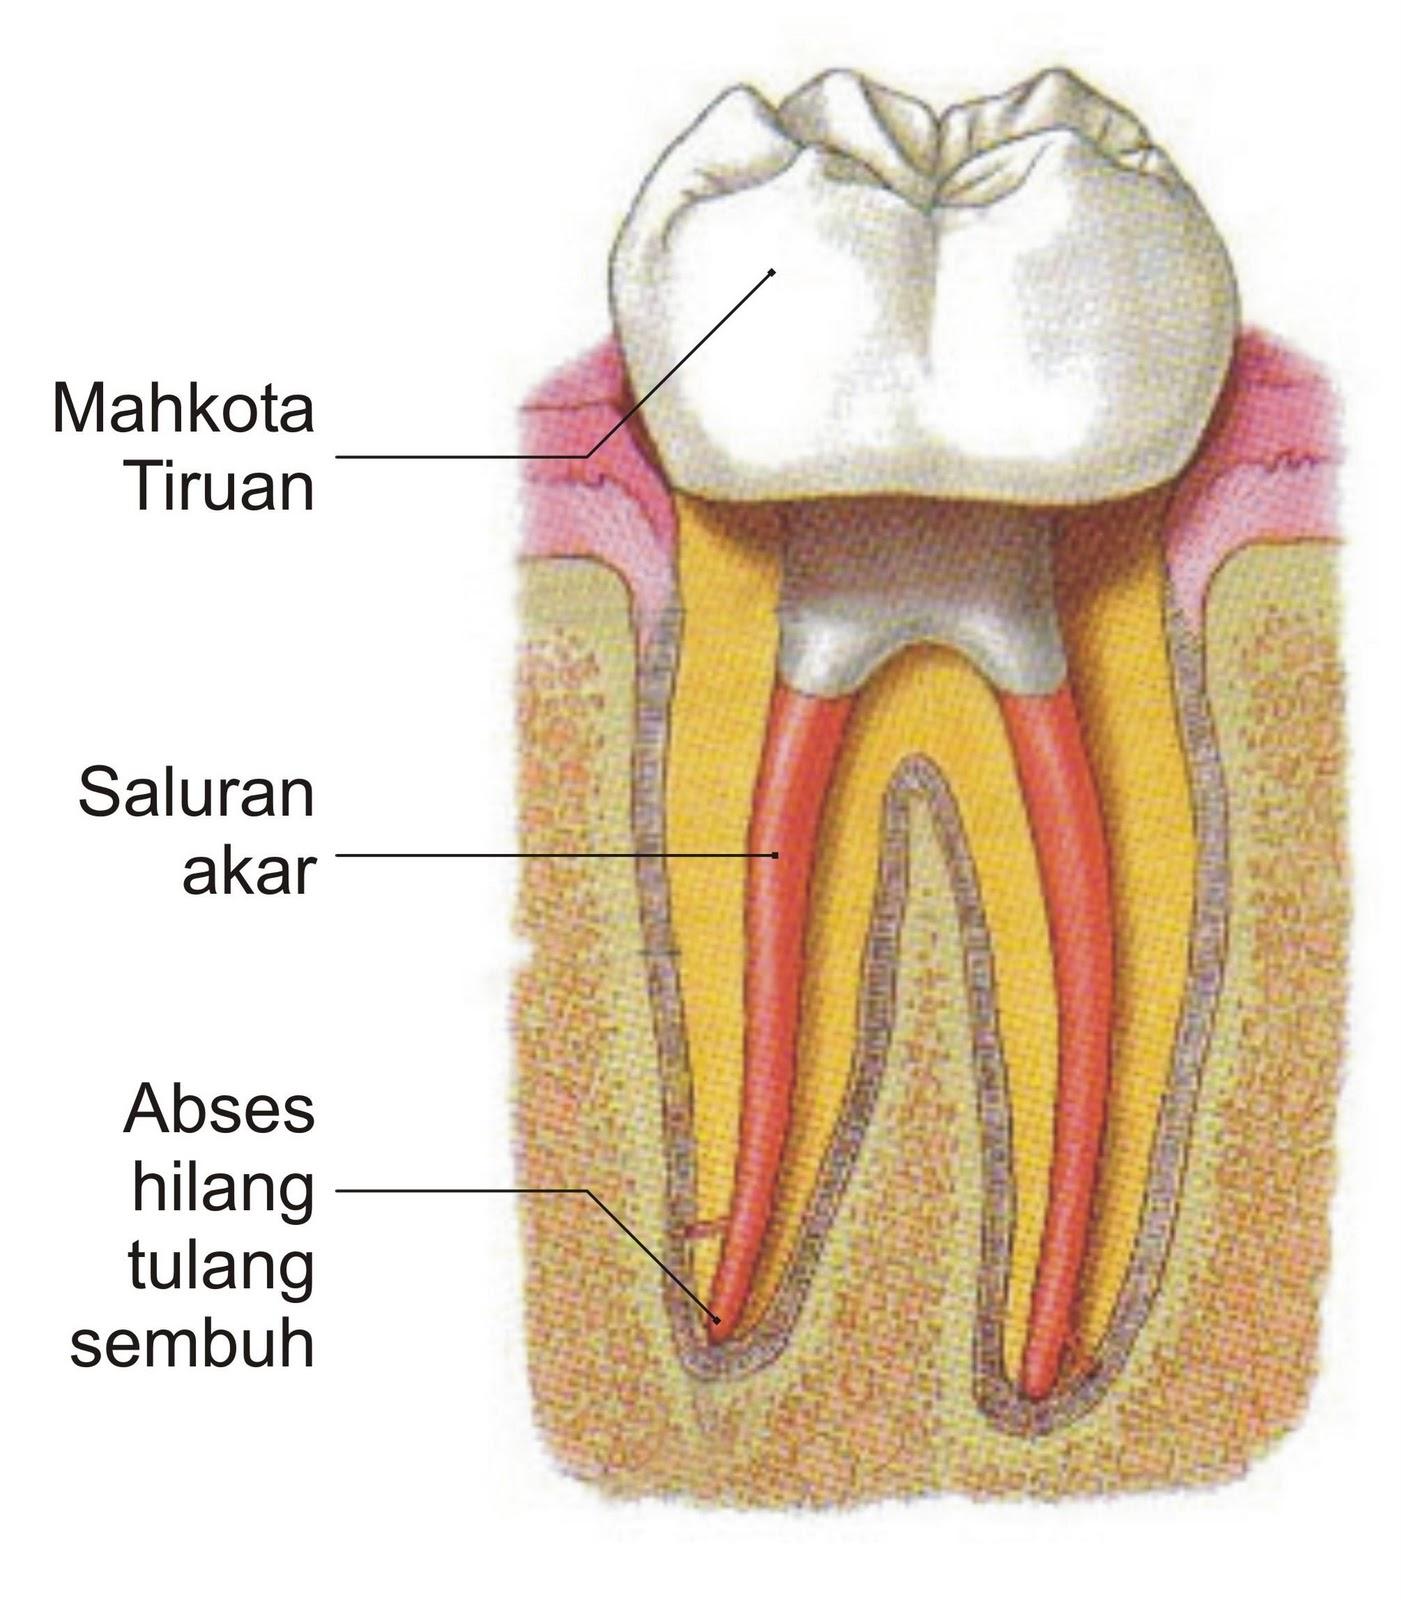 Kebiasaan Sepele Penyebab Gigi Berlubang Yang Harus Diwaspadai